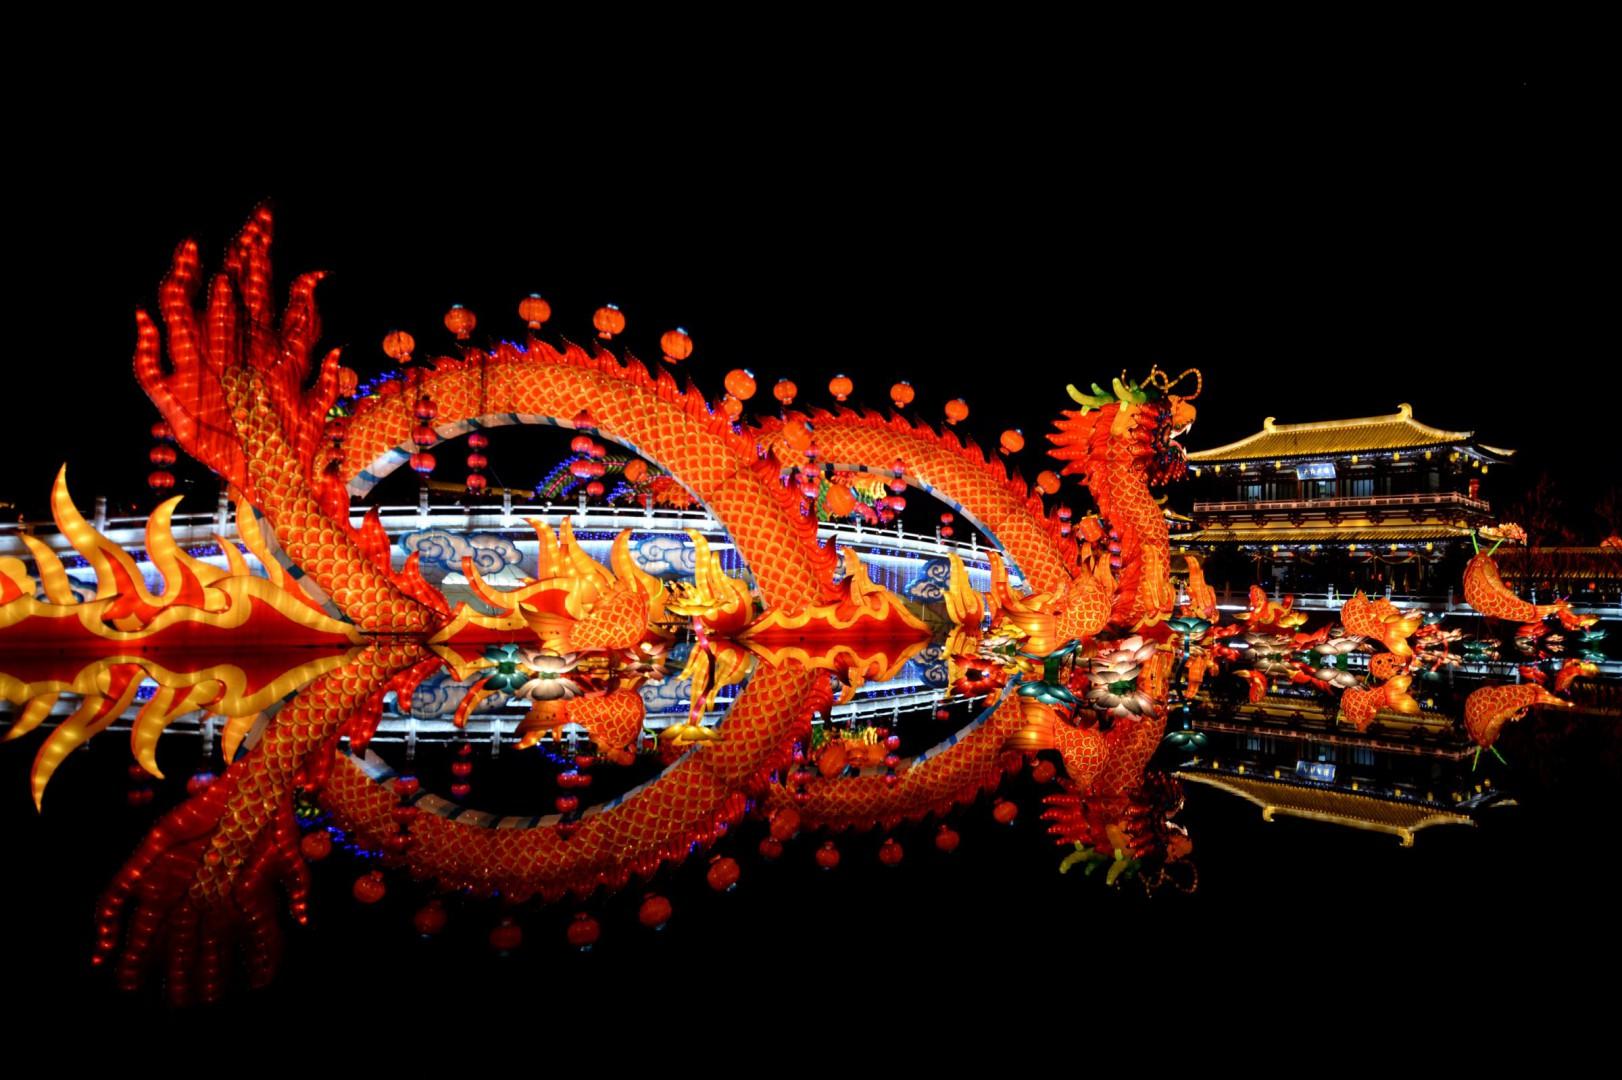 Il drago, simbolo dell'espansionismo cinese nella Nuova via della seta (LaPresse)